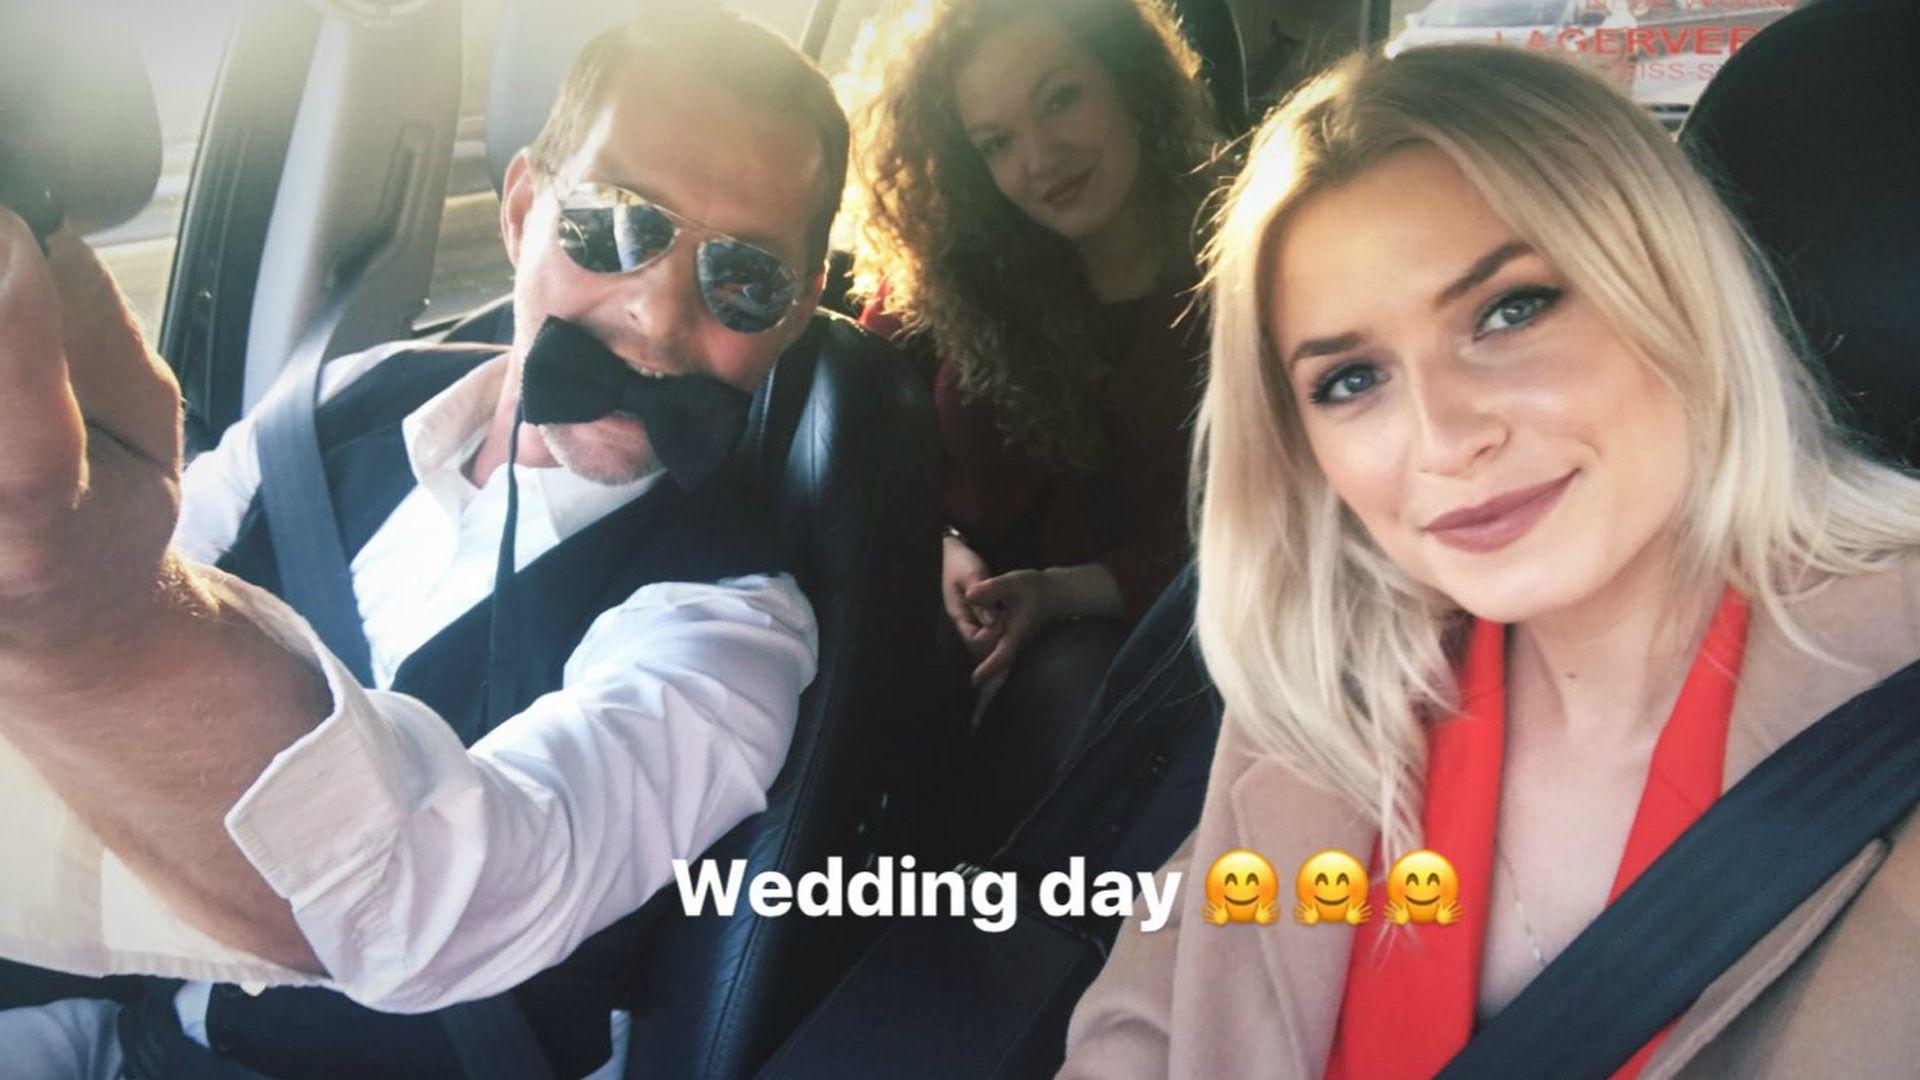 Hochzeitstag Bei Lena Gercke Was Feiert Die Beauty Hier